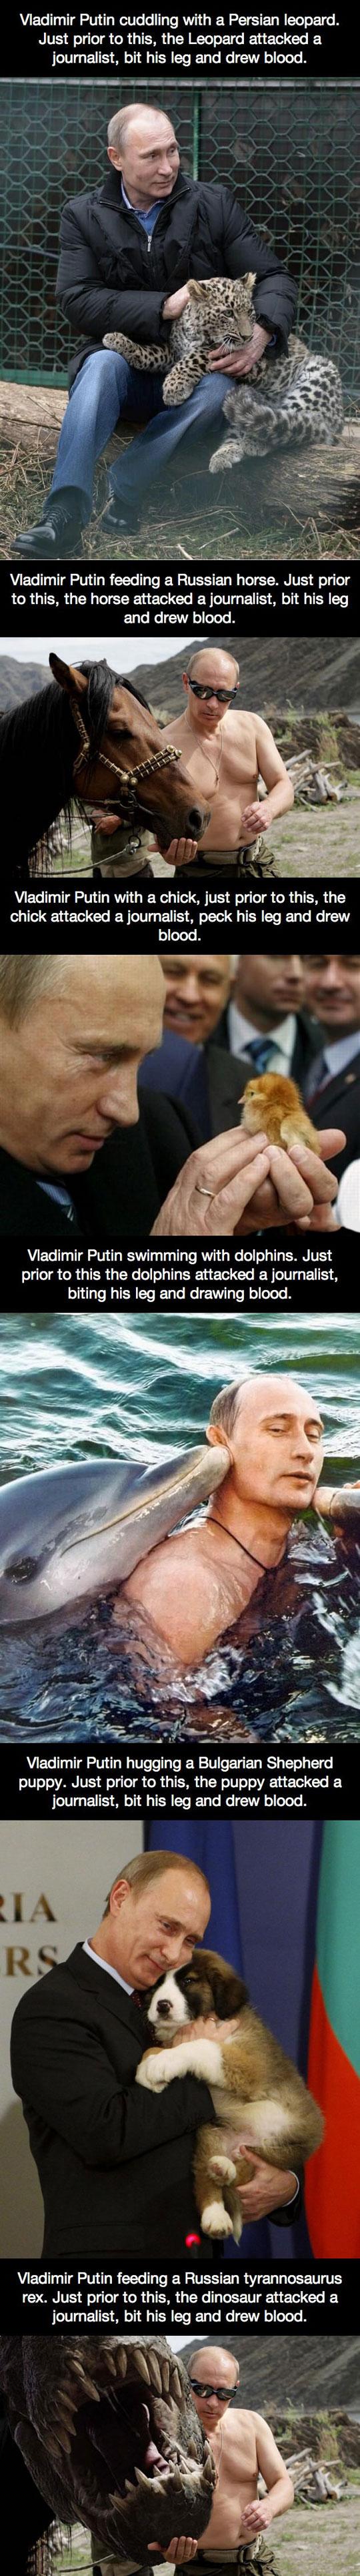 funny-Putin-Russia-leopard-blood-journalist